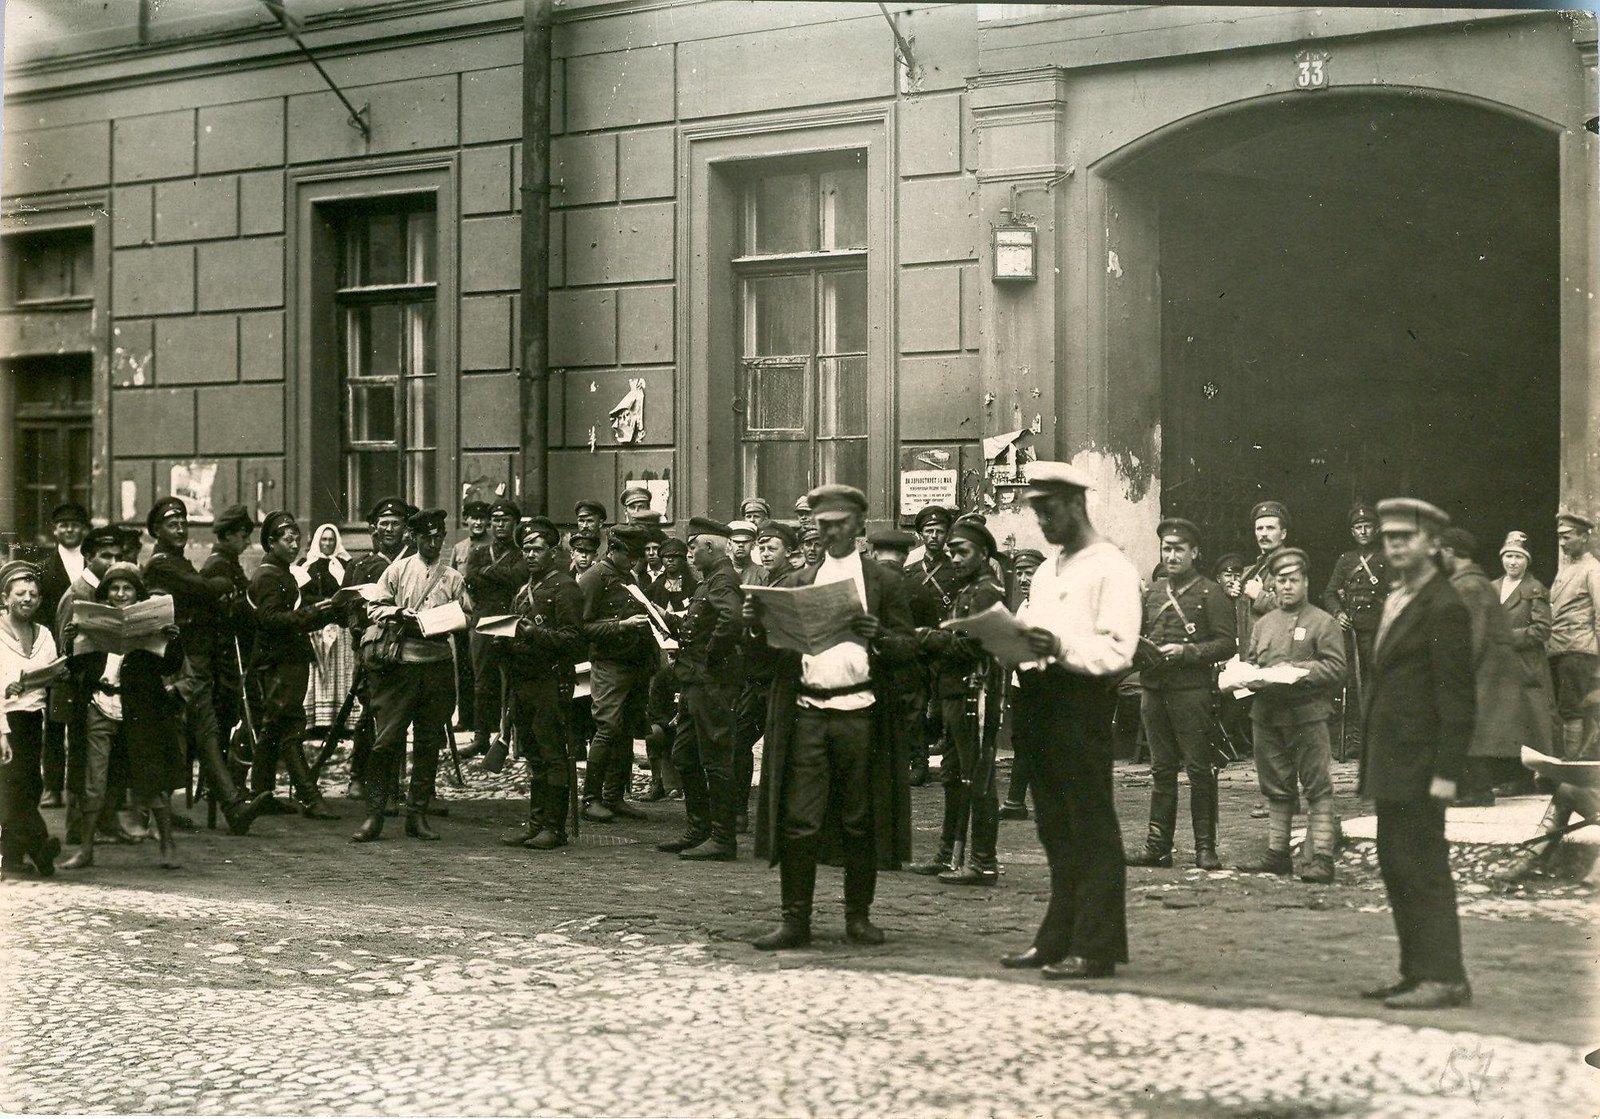 15. 1920. 19 июля.  Чтение розданных газет в день открытия II конгресса Коминтерна на улицах Петрограда